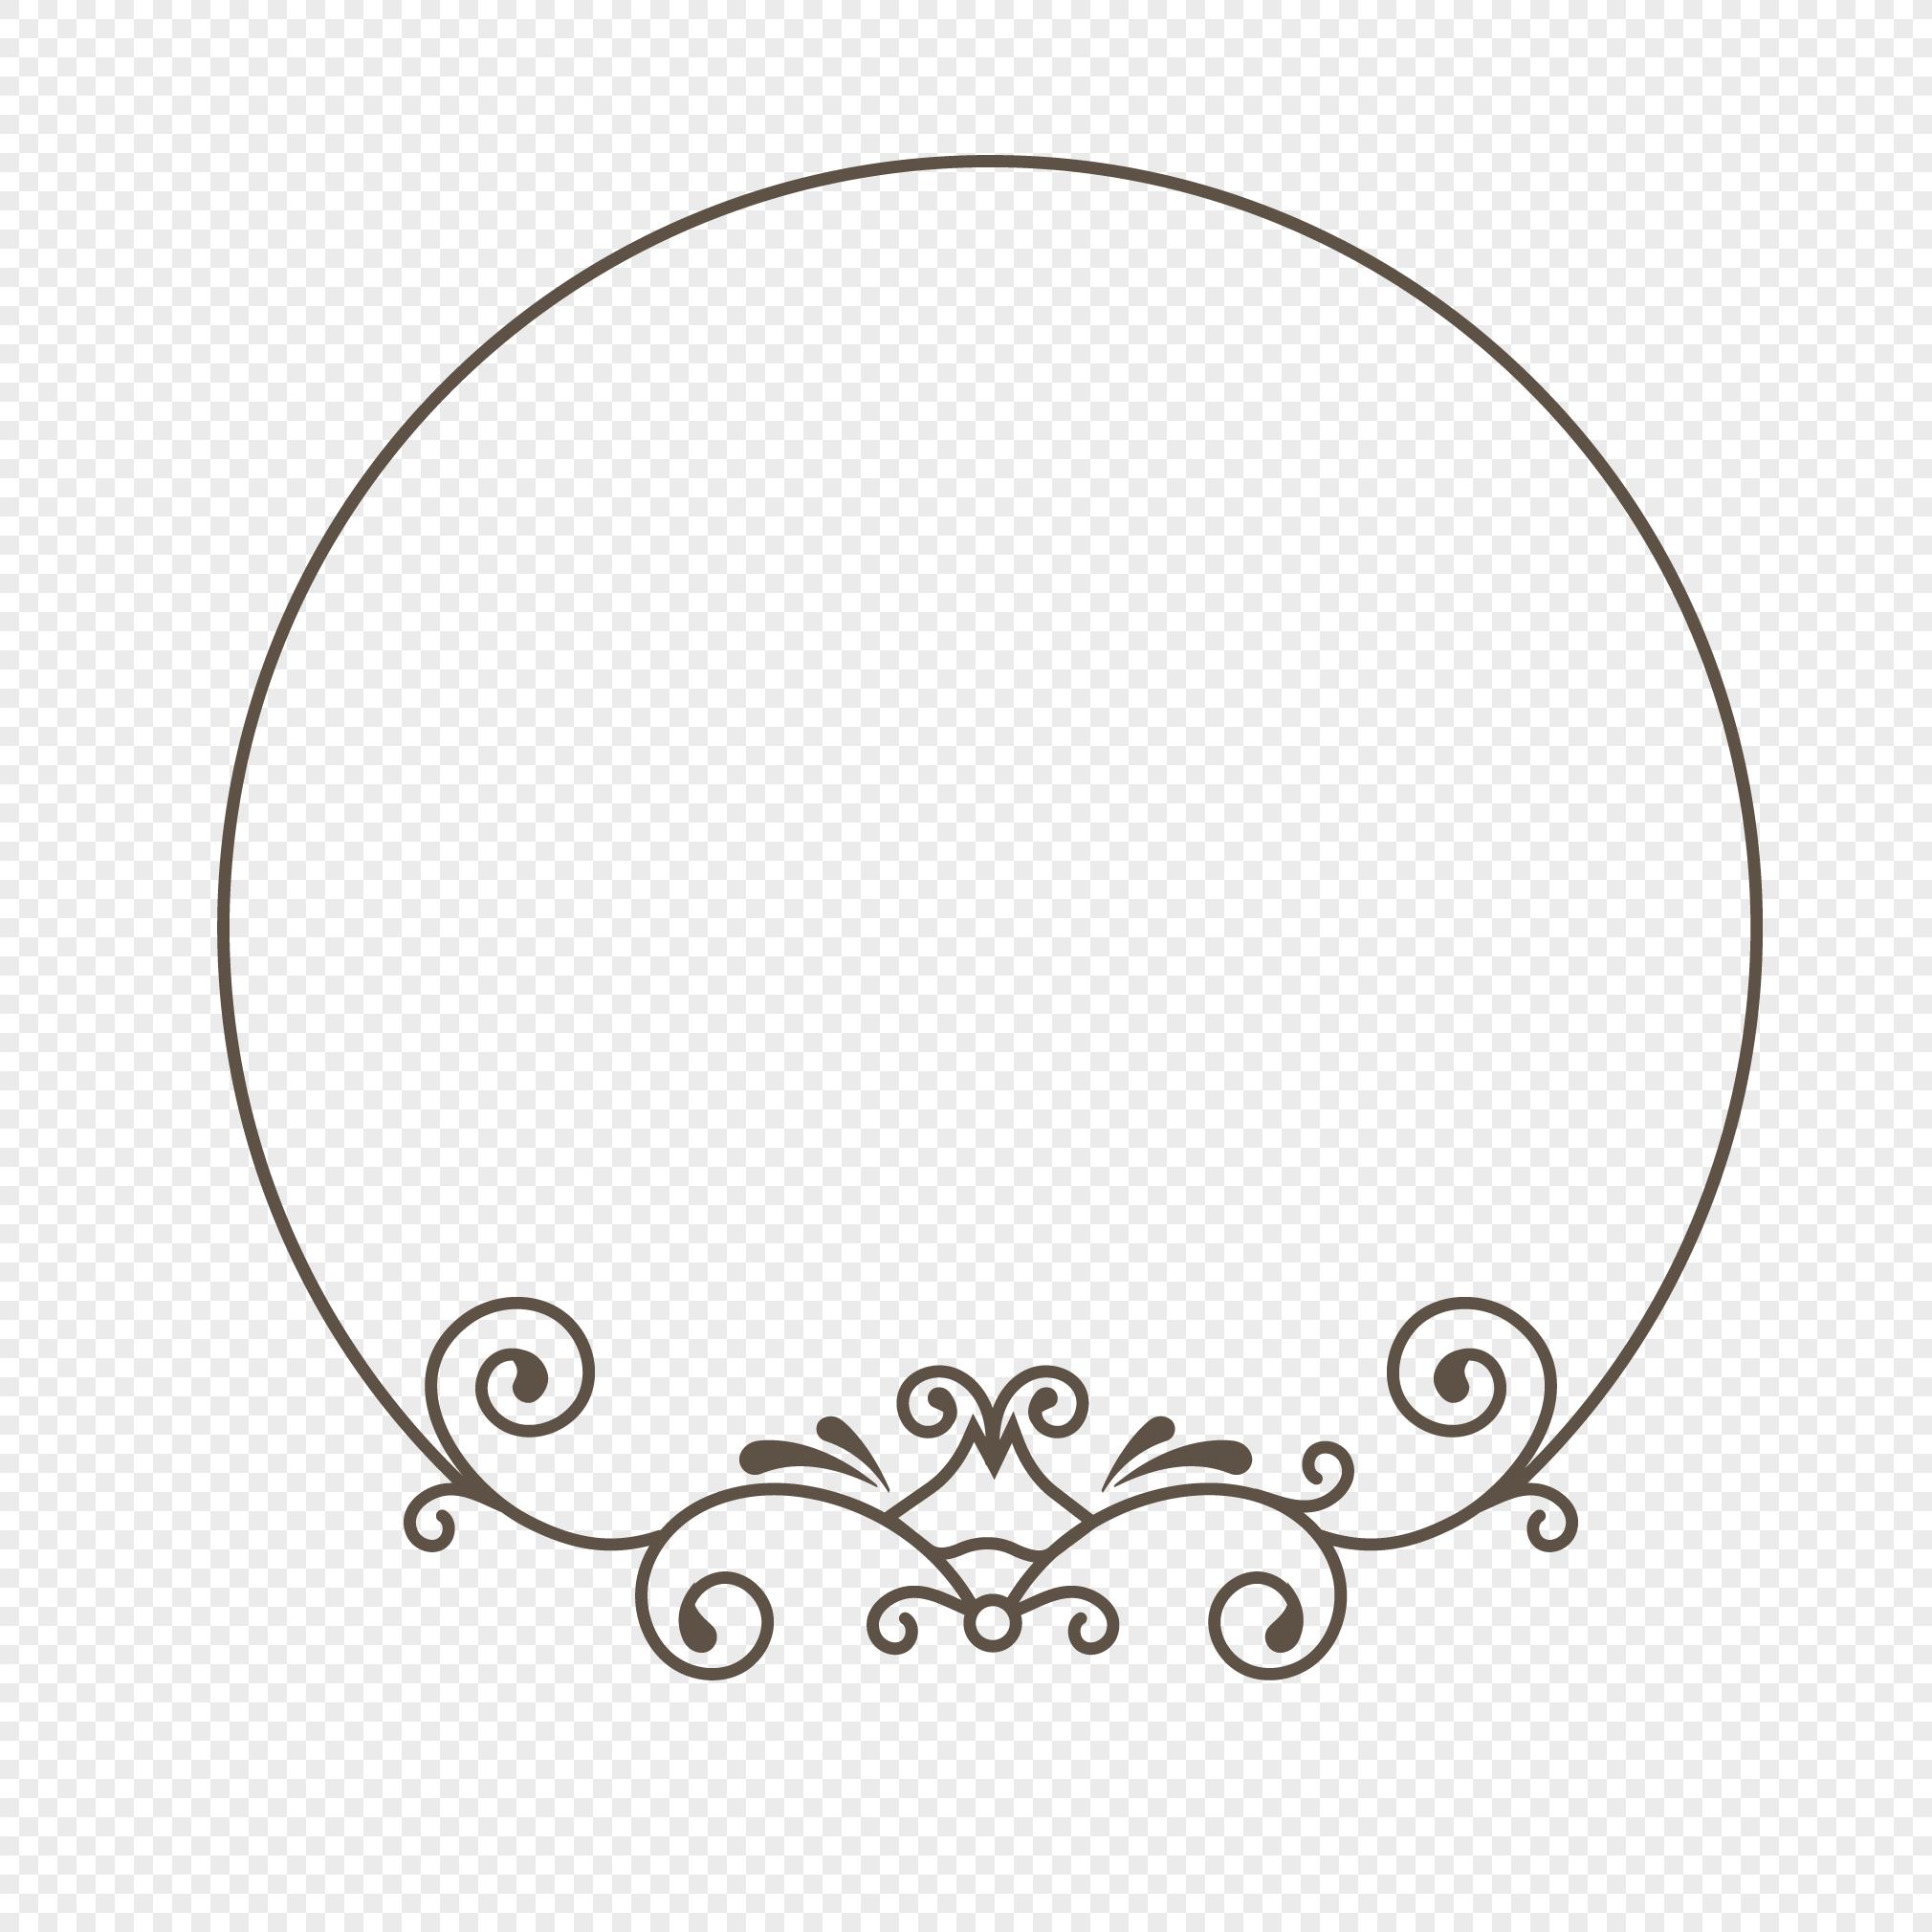 手绘线条圆形植物边框设计素材